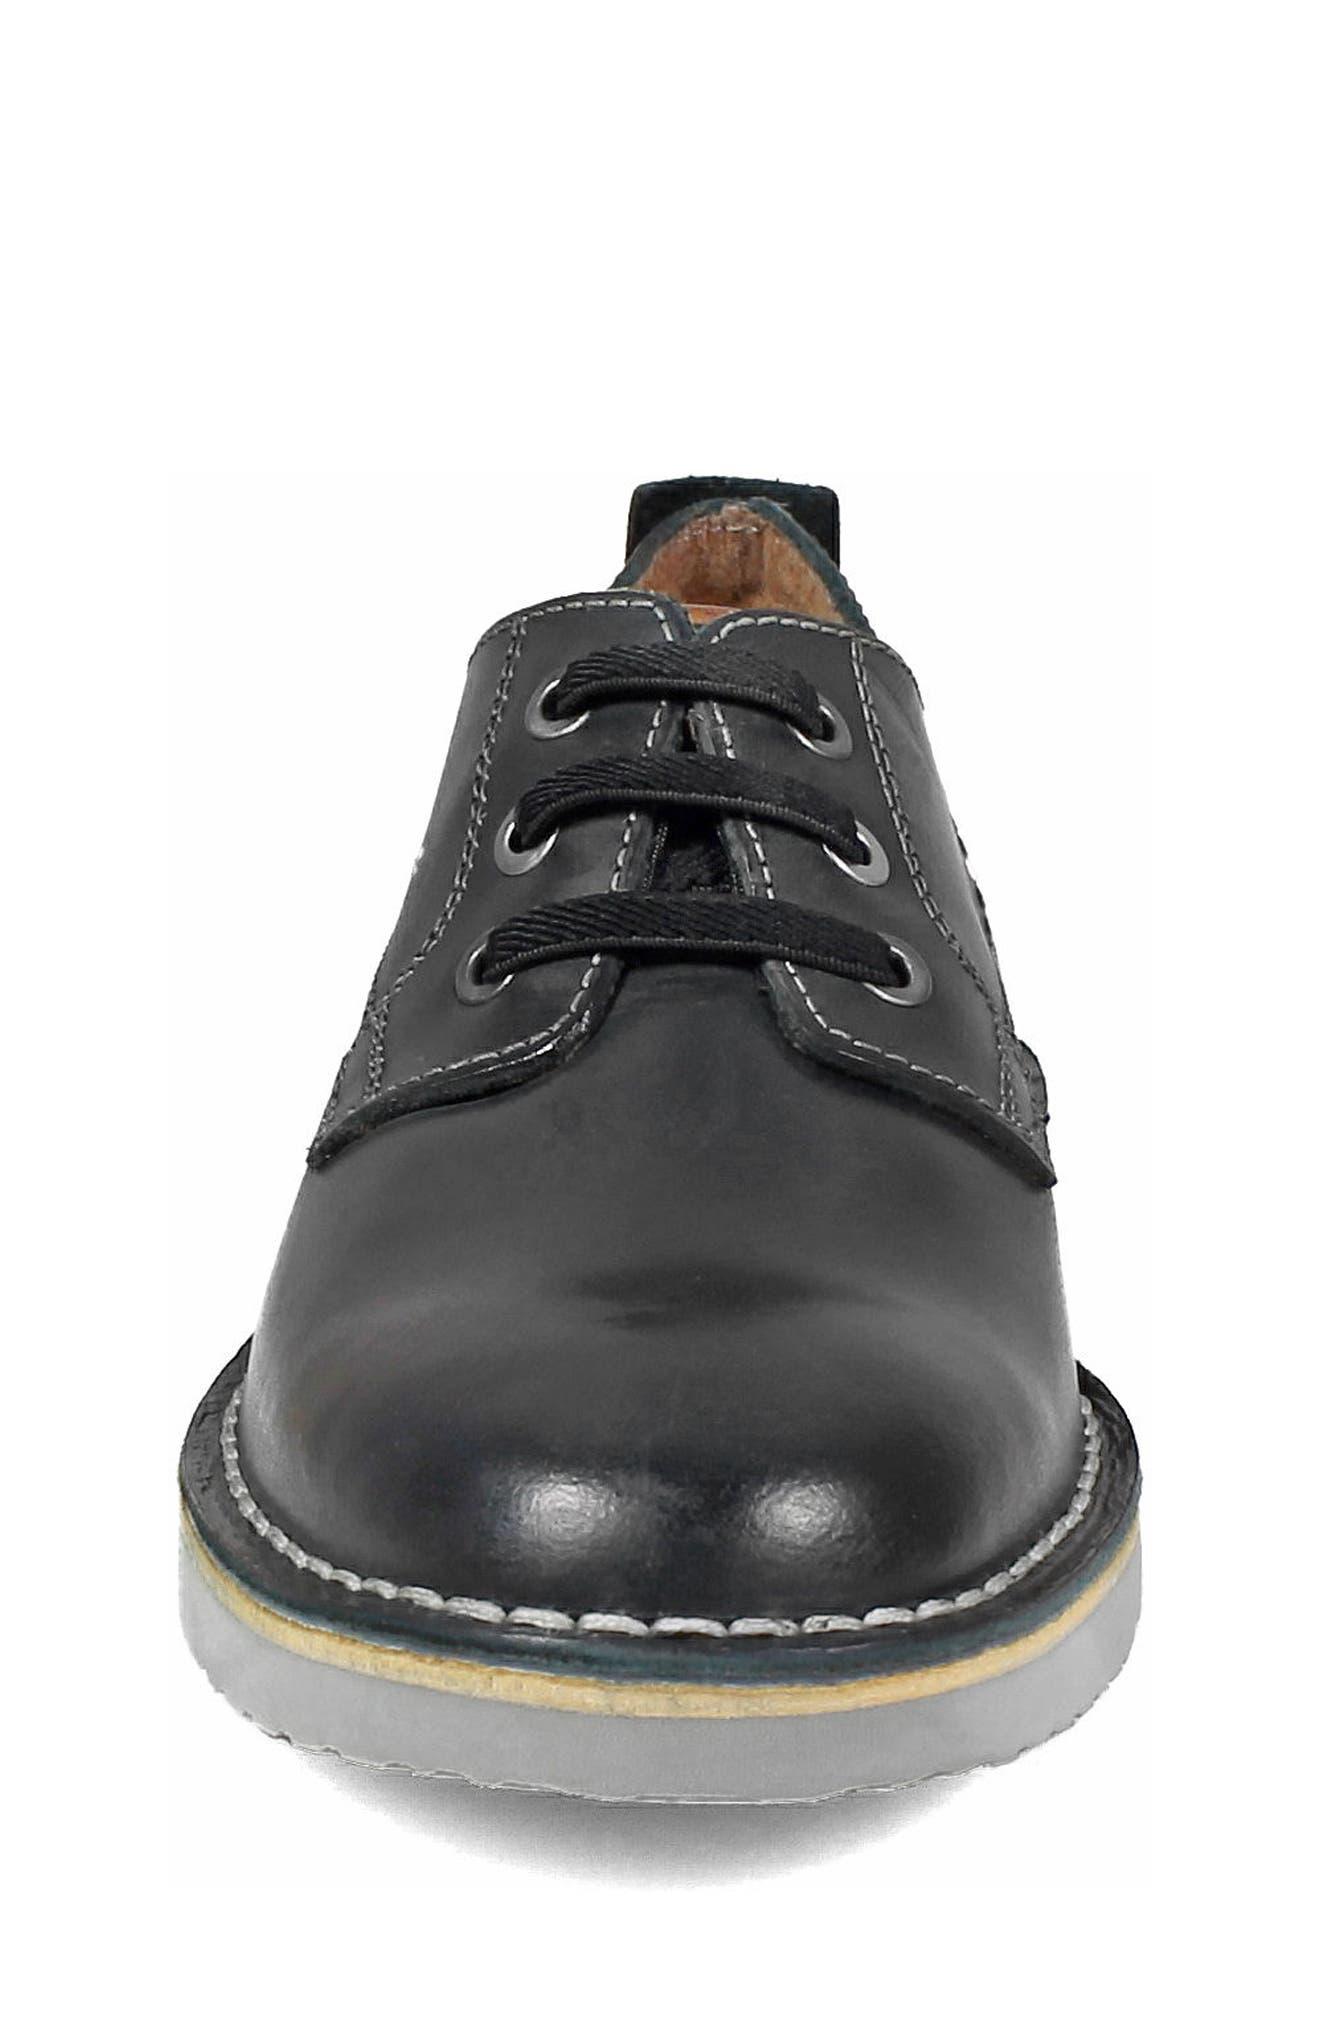 FLORSHEIM, Navigator JR Plain Toe Oxford, Alternate thumbnail 4, color, BLACK LEATHER